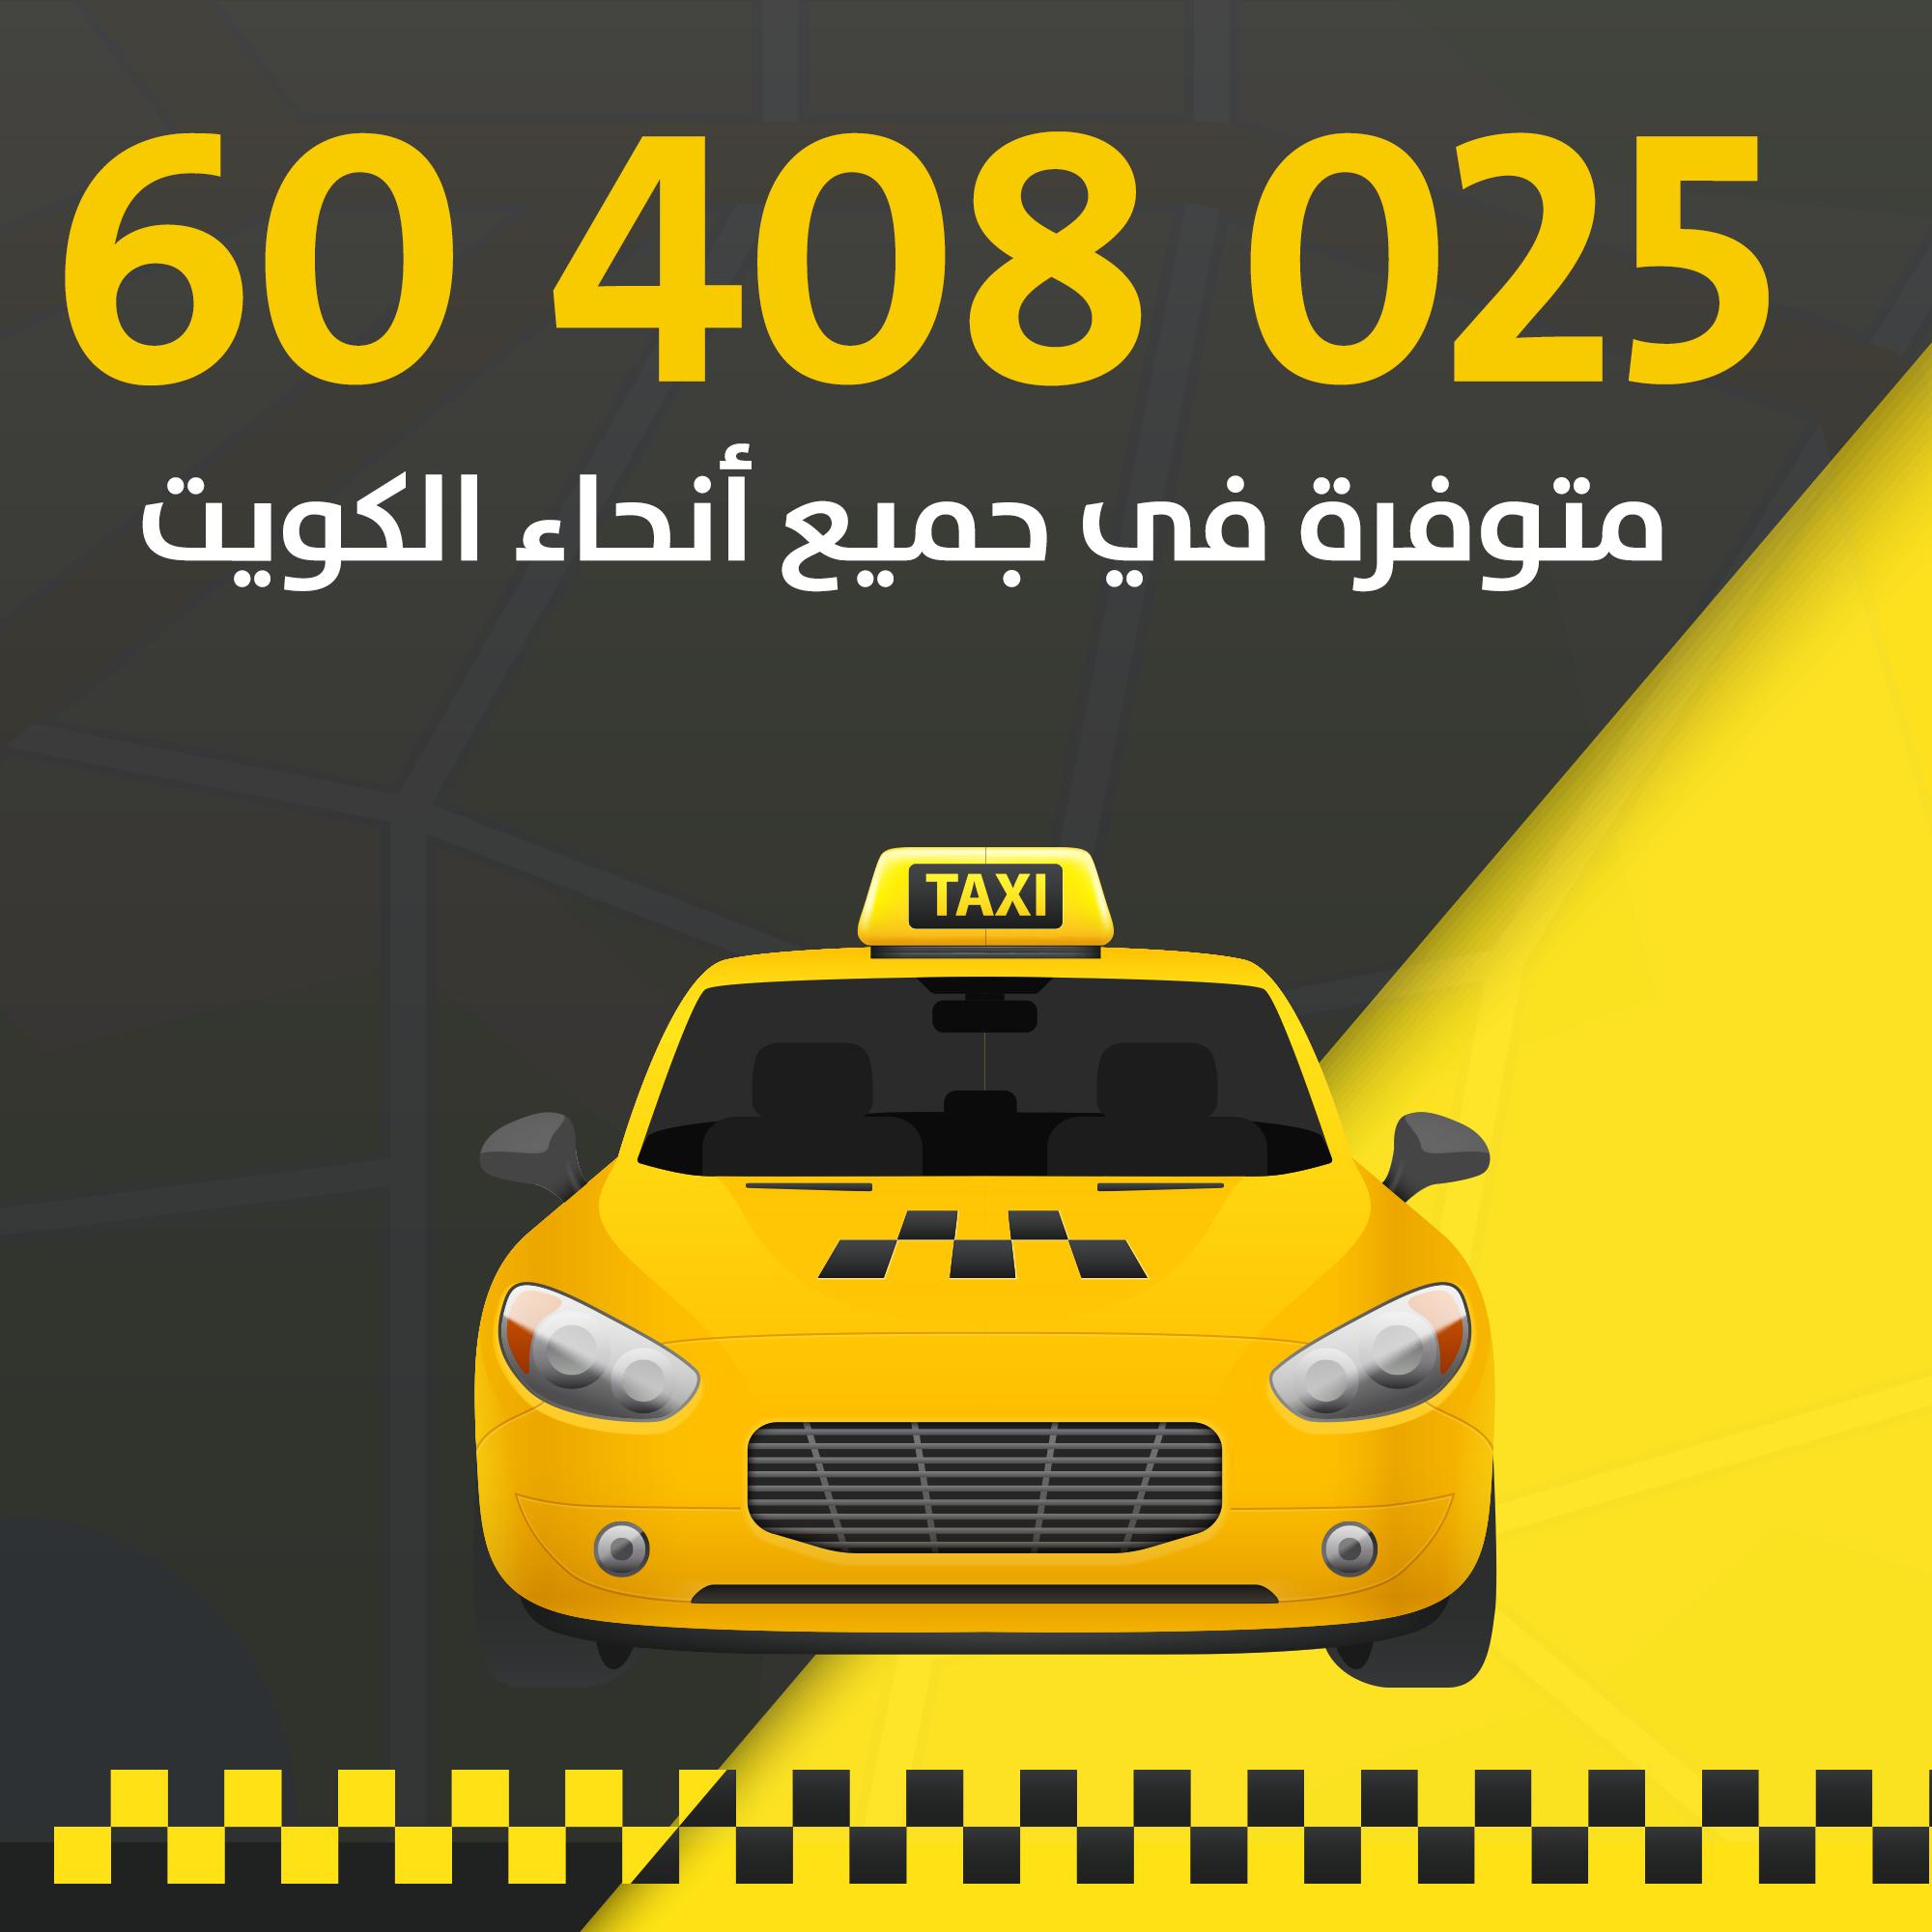 تاكسي توصيلة في شارع أحمد شوقي